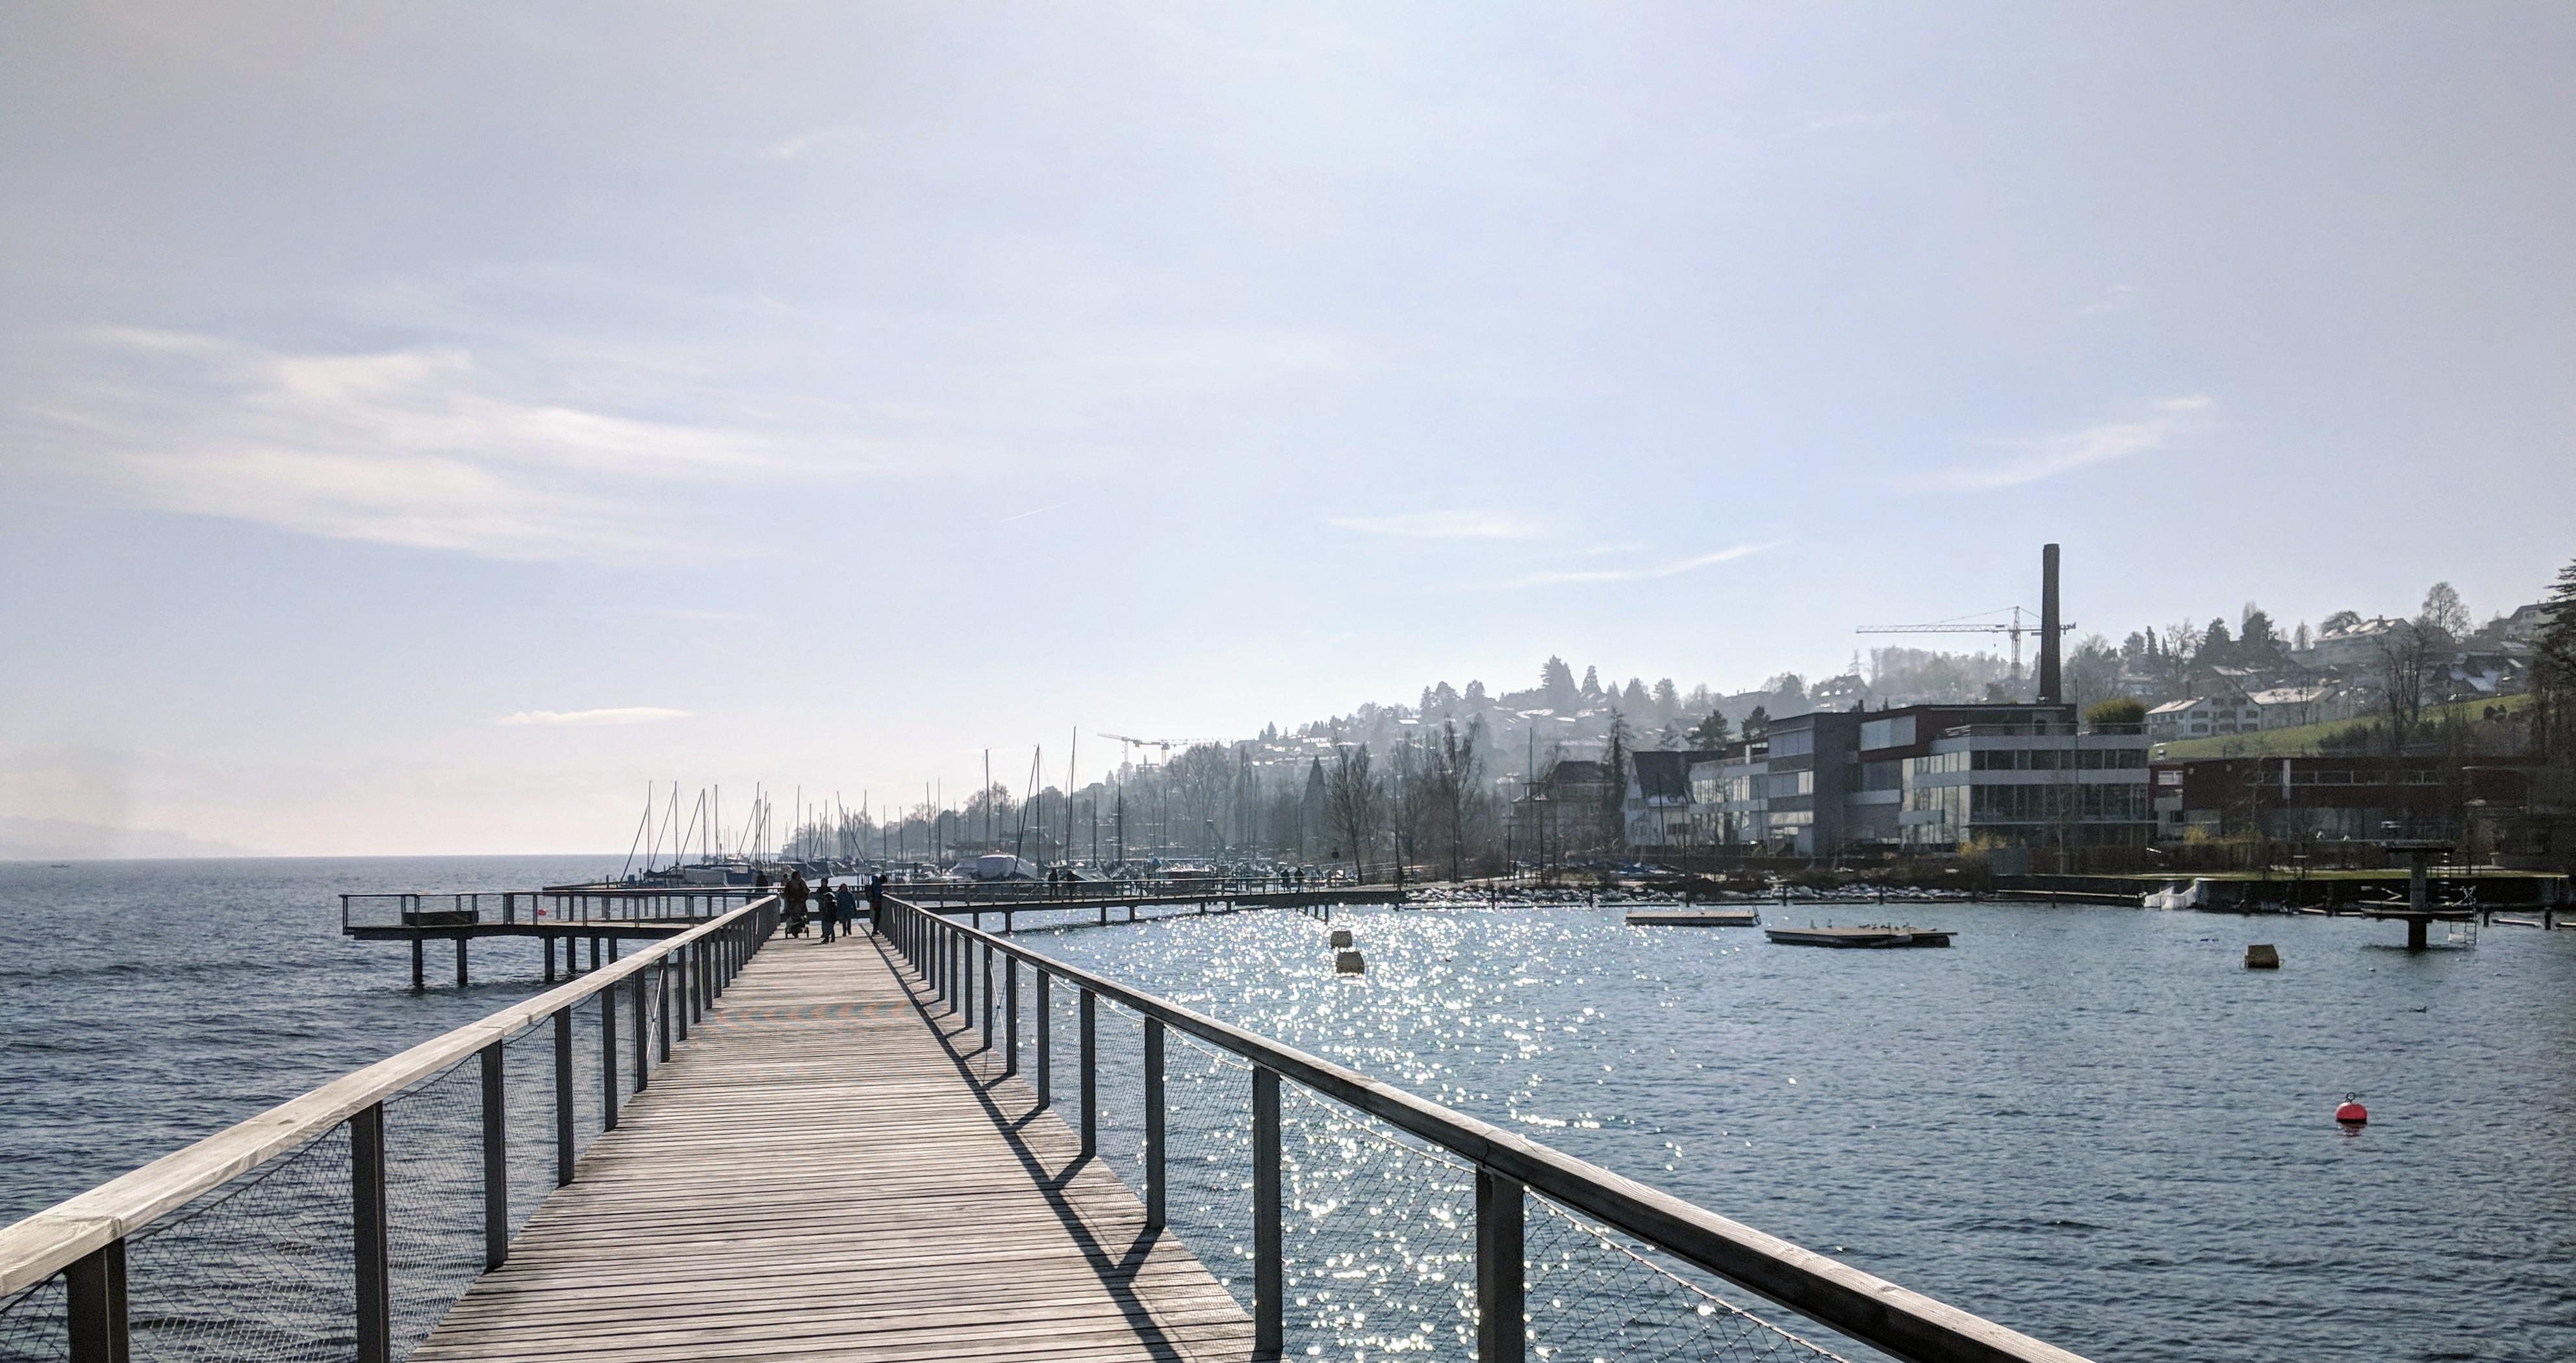 Running route in Zurich - Foot Bridge